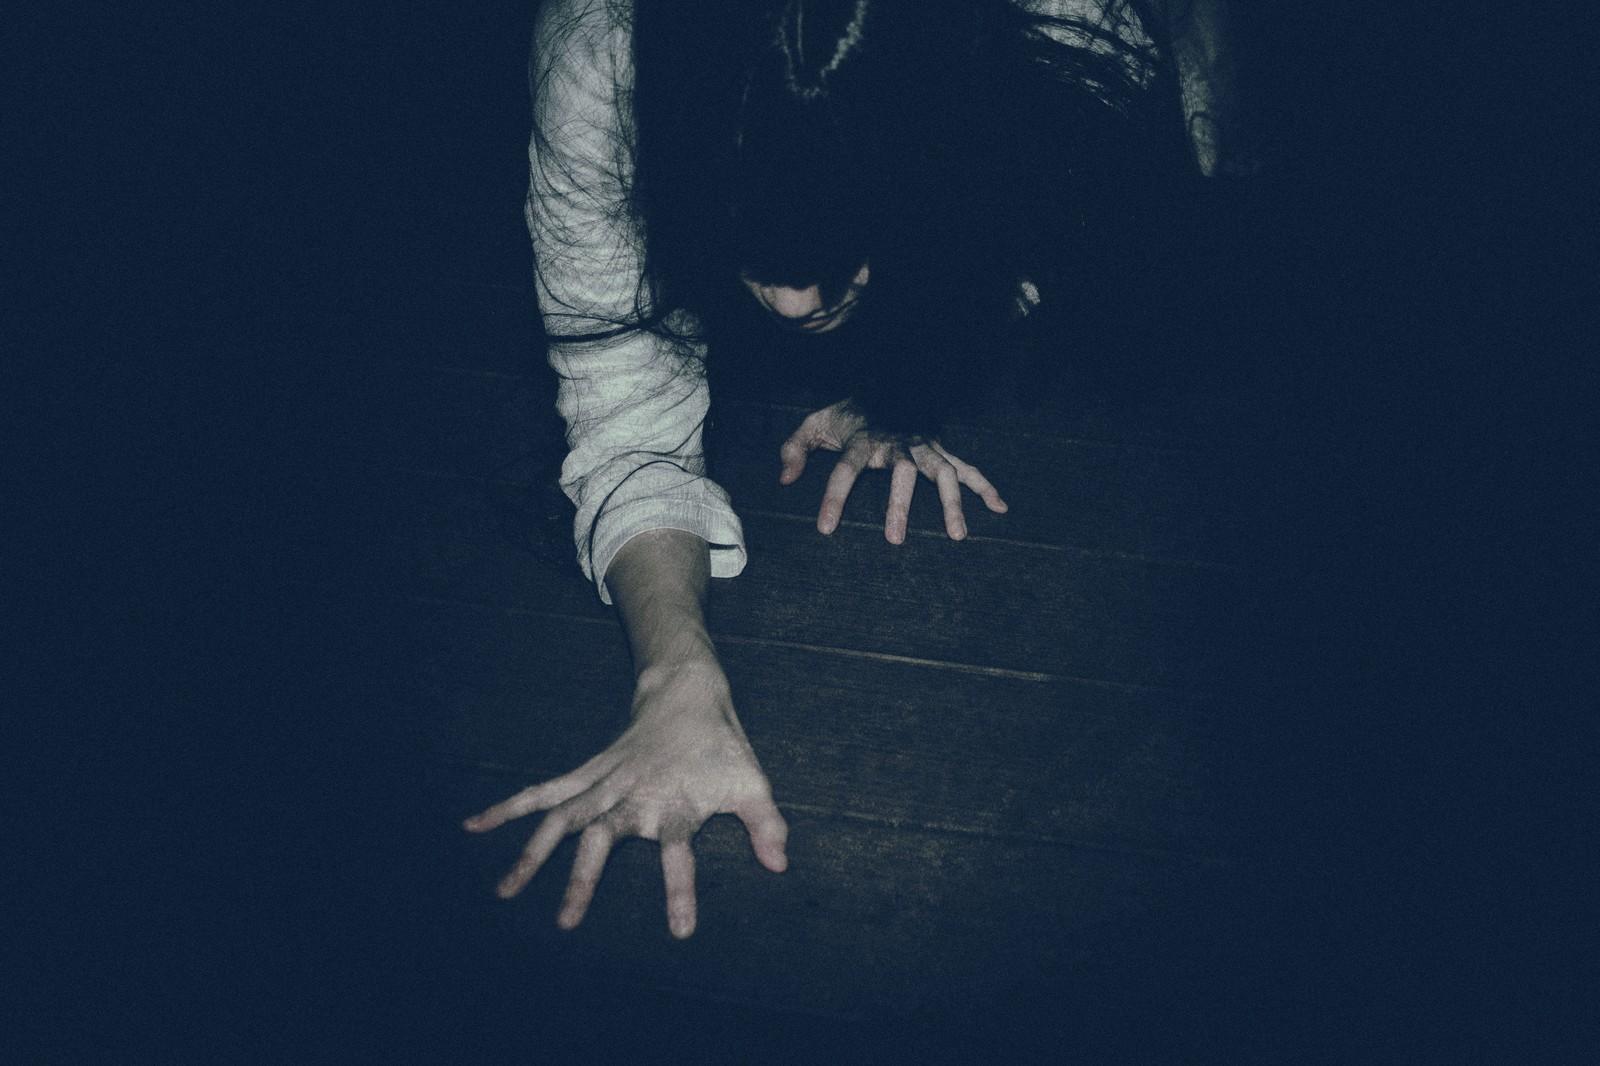 ▲▼鬼,靈異,恐怖,女鬼,幽靈,驚悚(圖/取自免費圖庫Pakutaso)